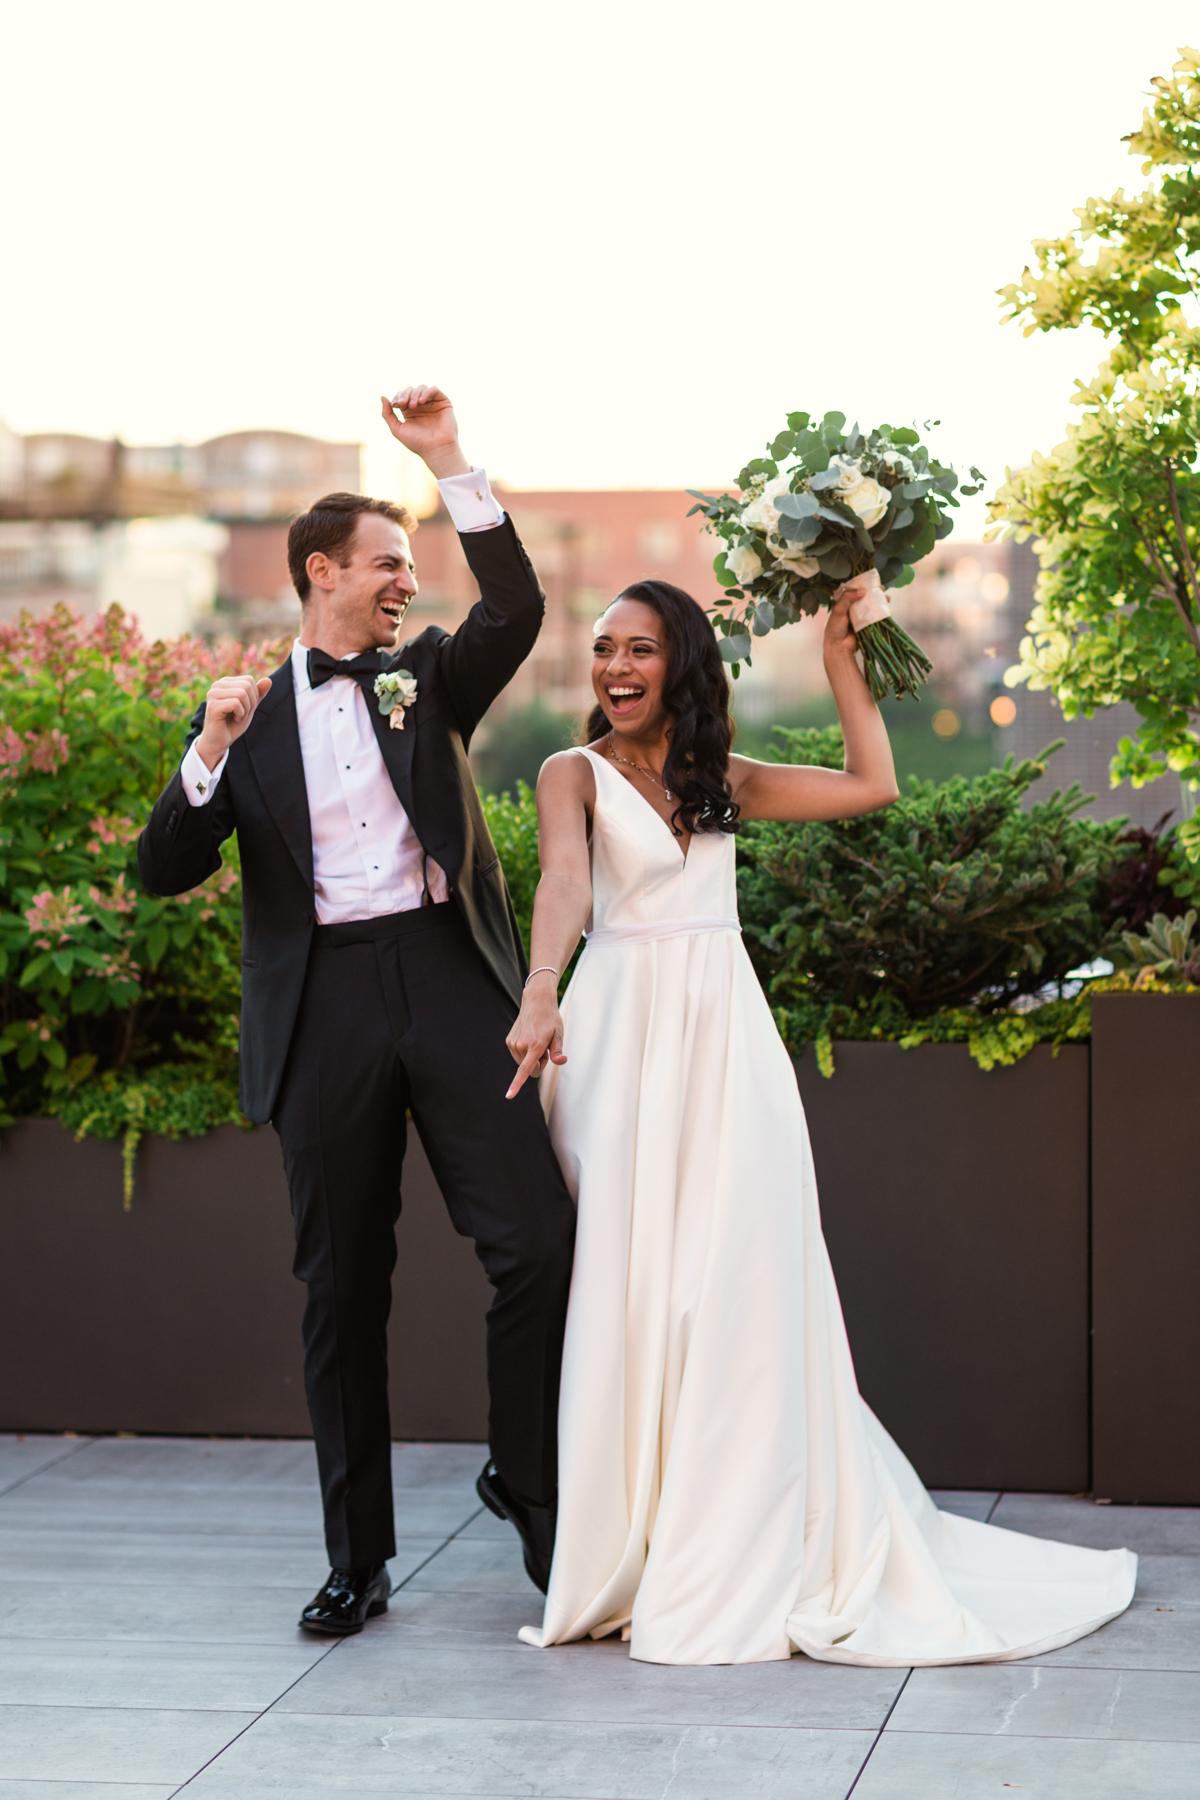 West-Loop-loft-wedding-by-Emma-Mullins-Photography-1